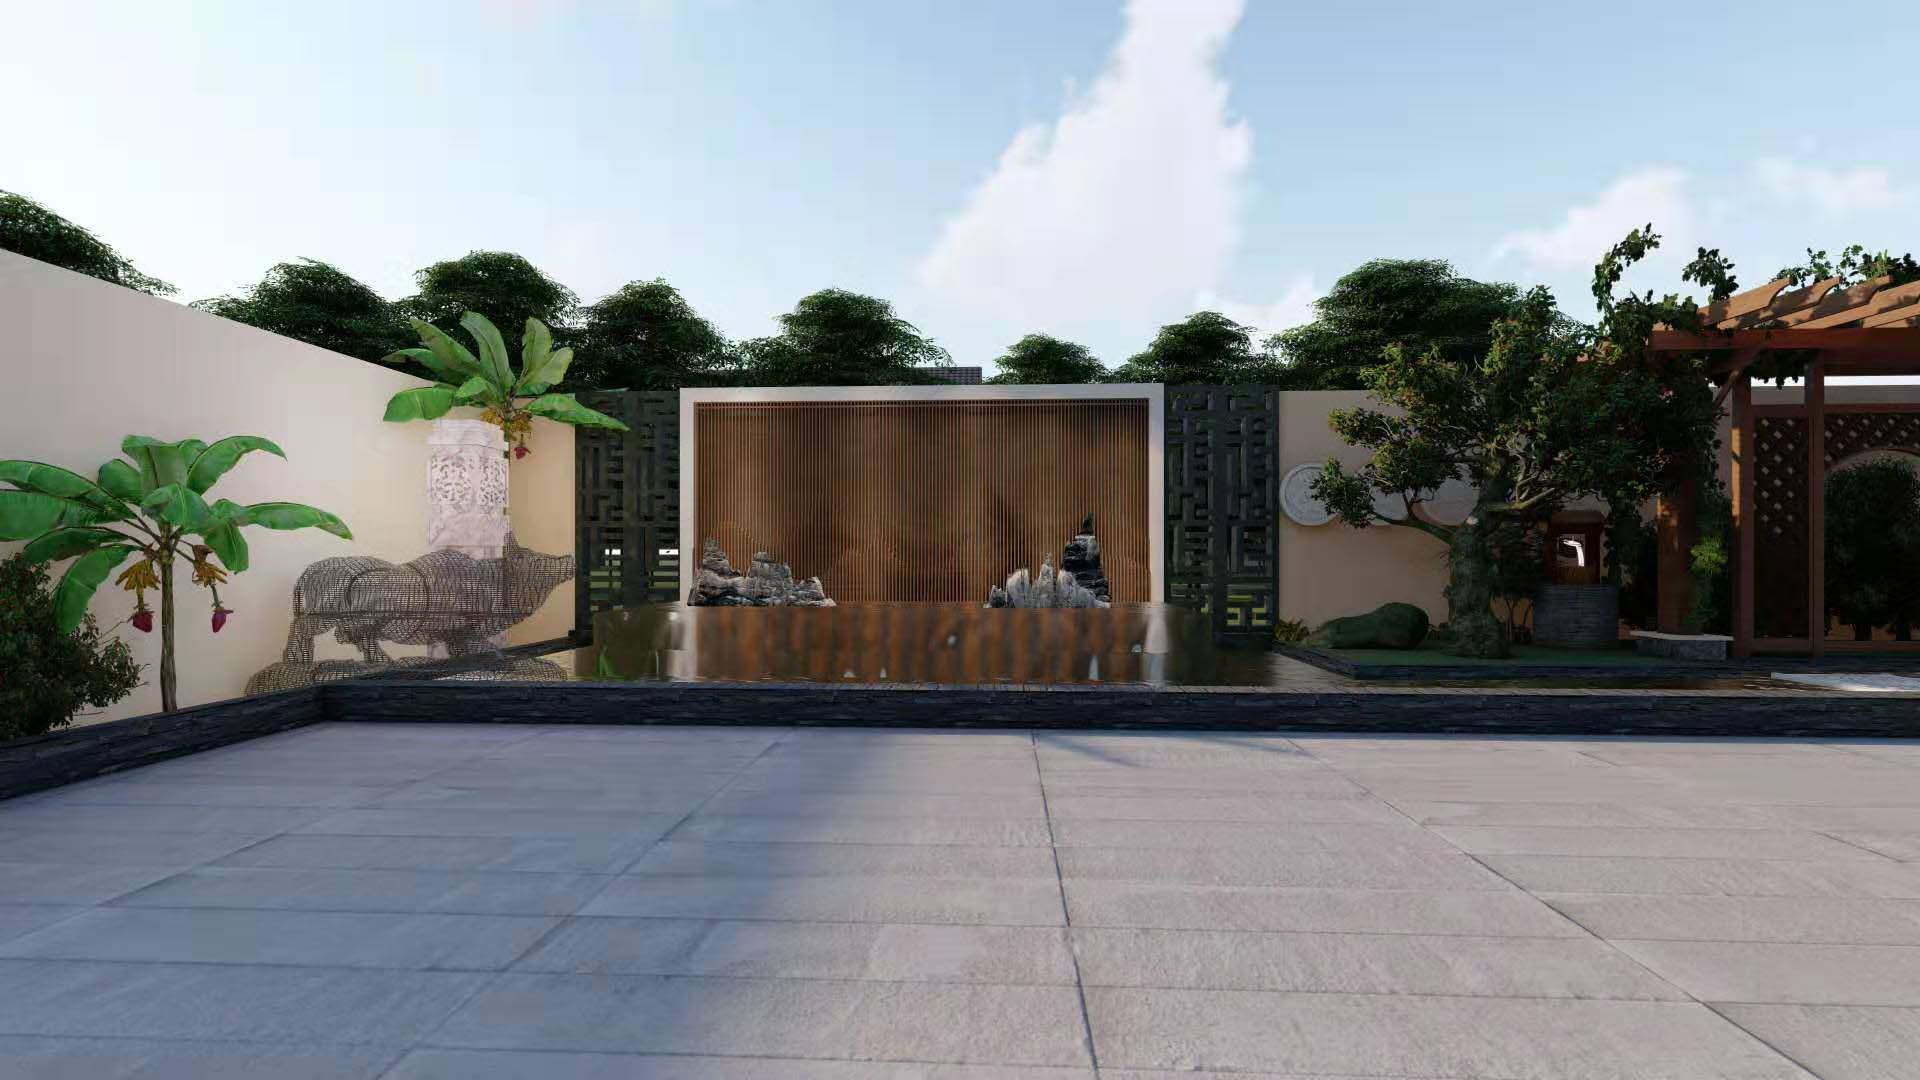 某会所进行庭院建造与旭诚建材合作案例展示